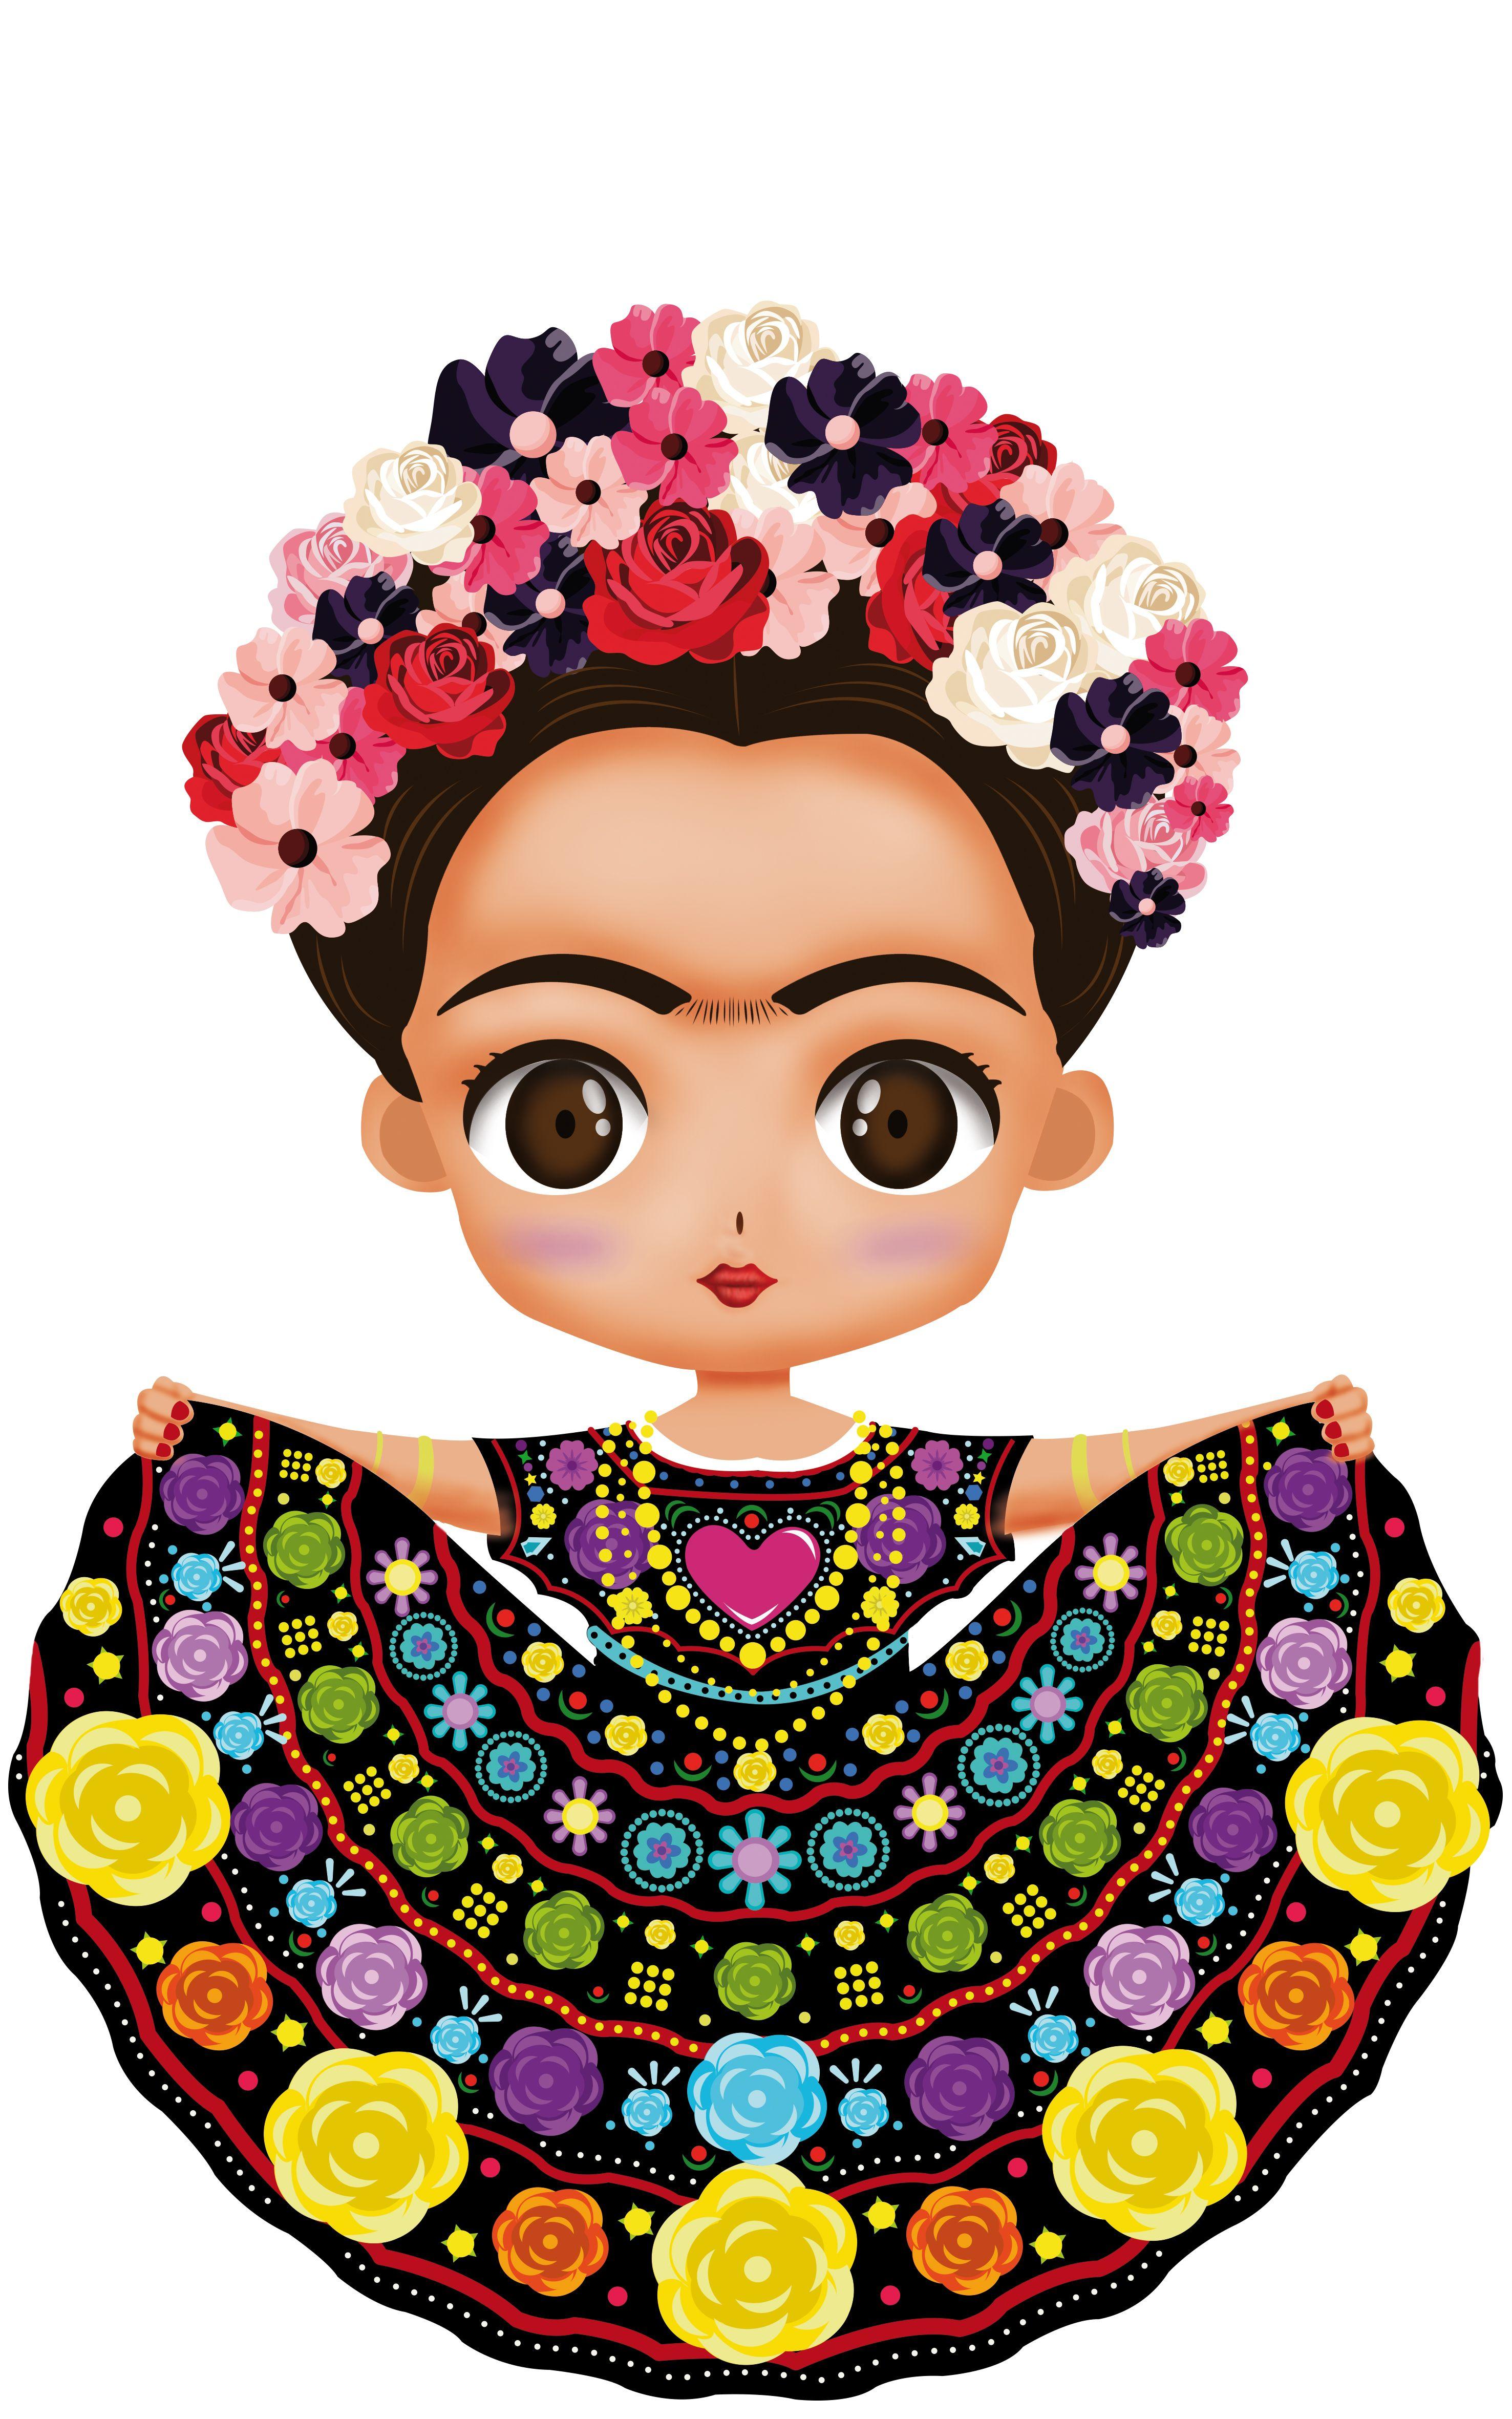 Pin De Inessa Nersesyan En Print Imagenes De Frida Kahlo Frida Kahlo Caricatura Frida Kahlo Dibujo